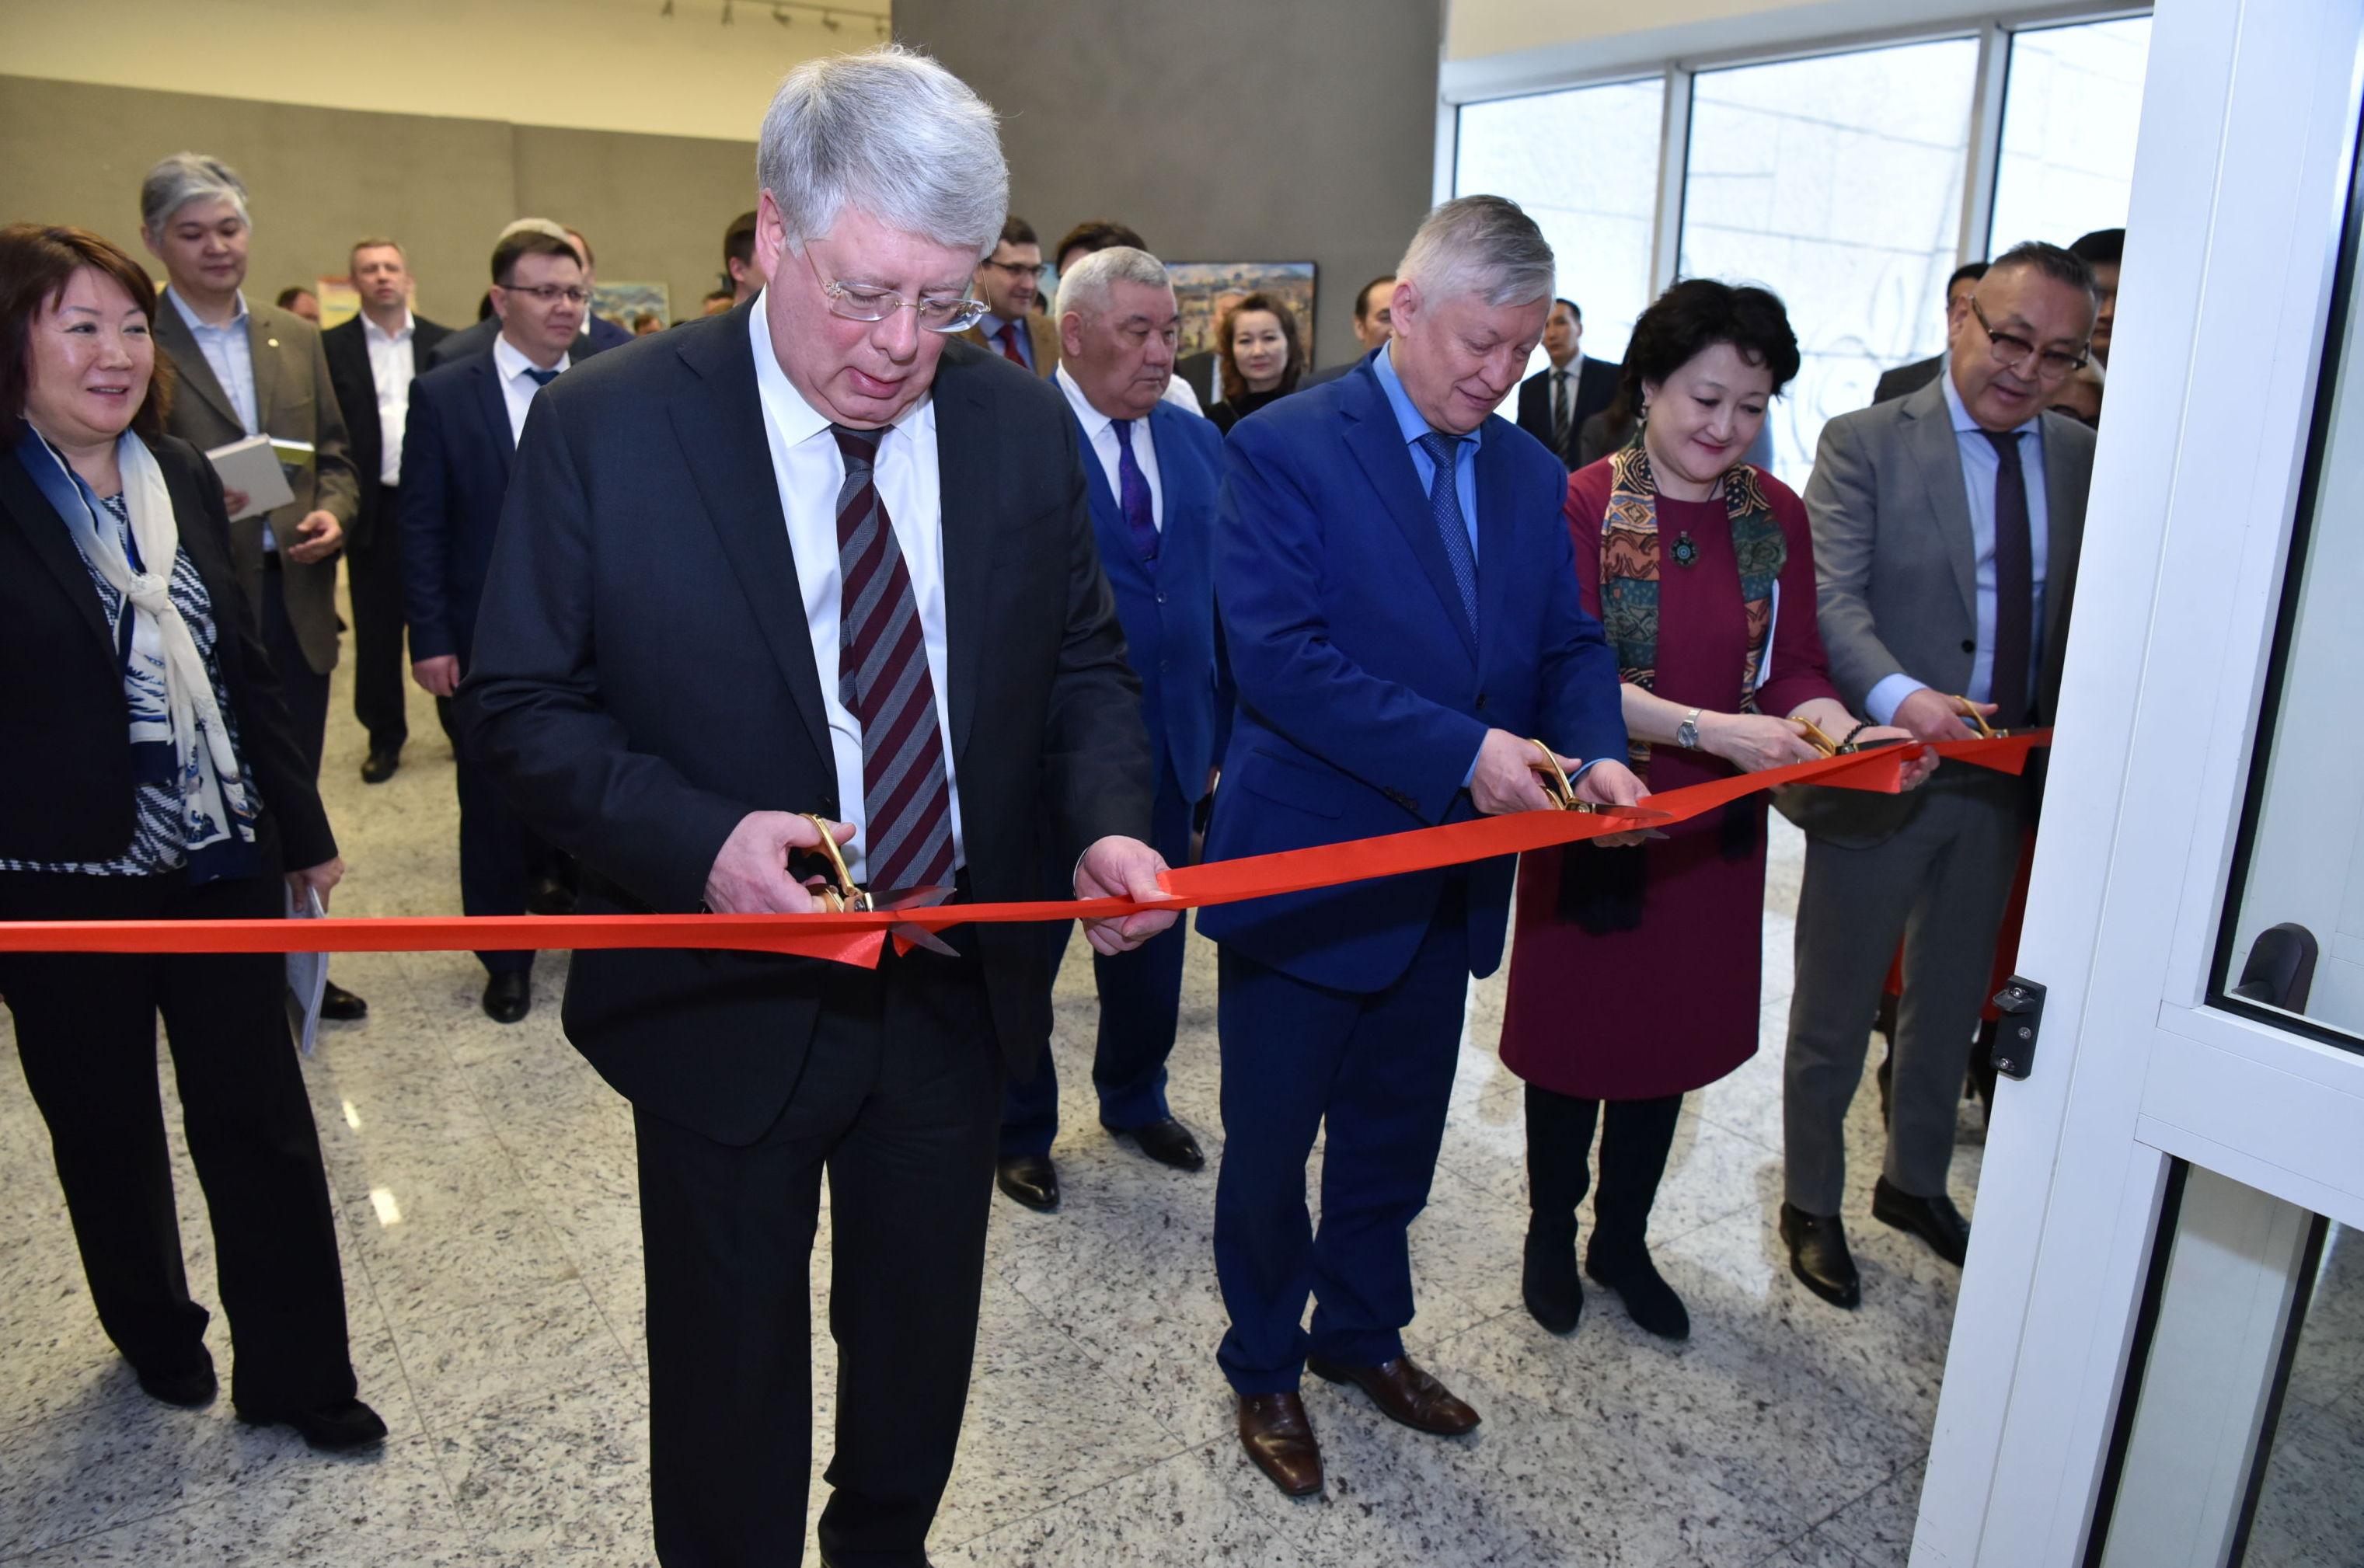 Посол России в Казахстане Алексей Бородавкин (слева) и шахматист Анатолий Карпов на открытии выставки